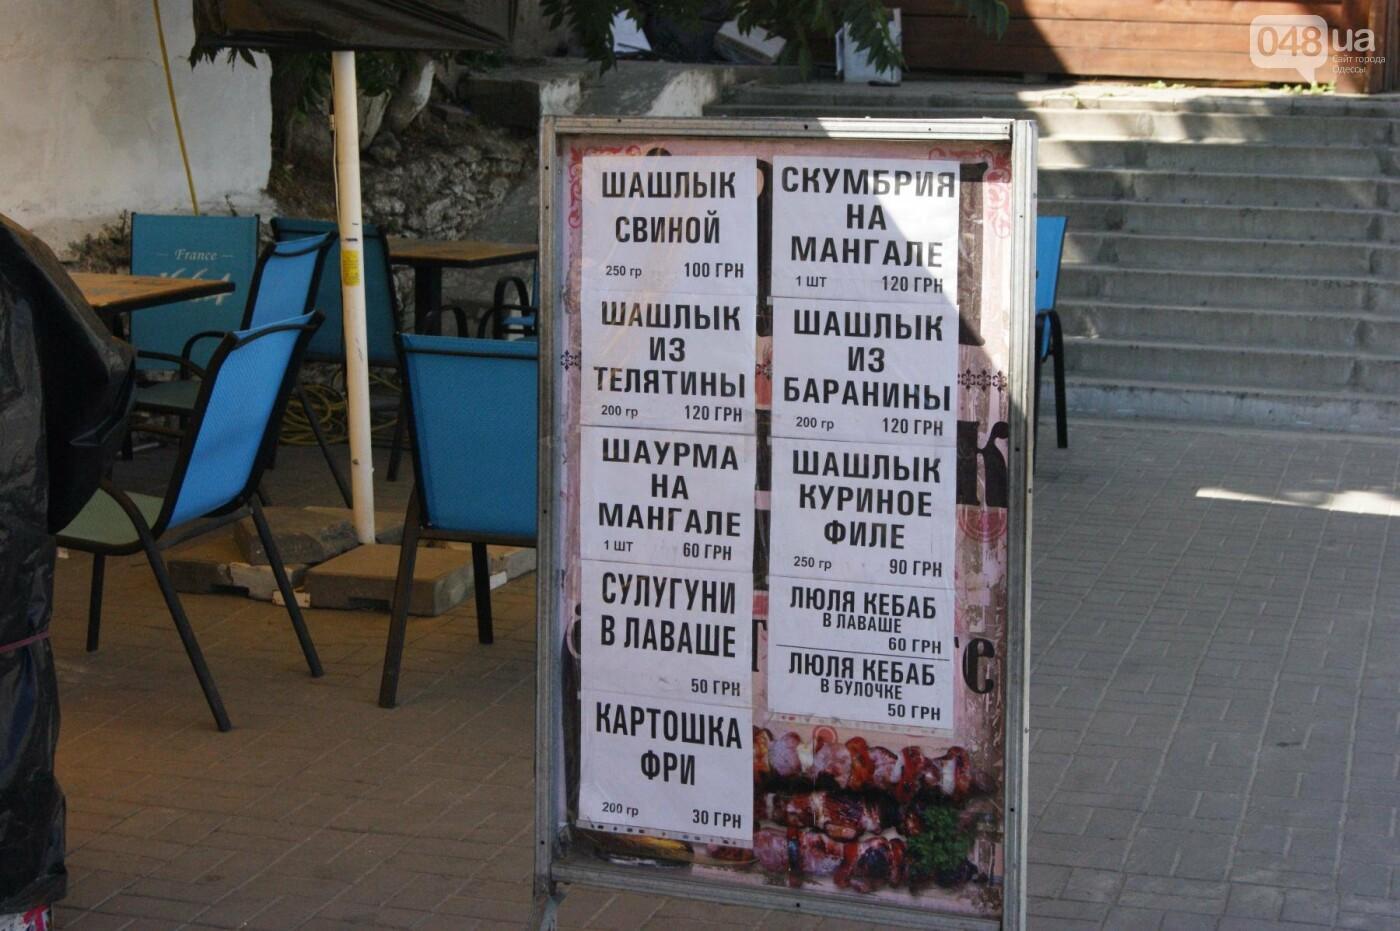 Неприличная Аркадия: что и почем на самом пафосном курорте Одессы, - ФОТОРЕПОРТАЖ, фото-7